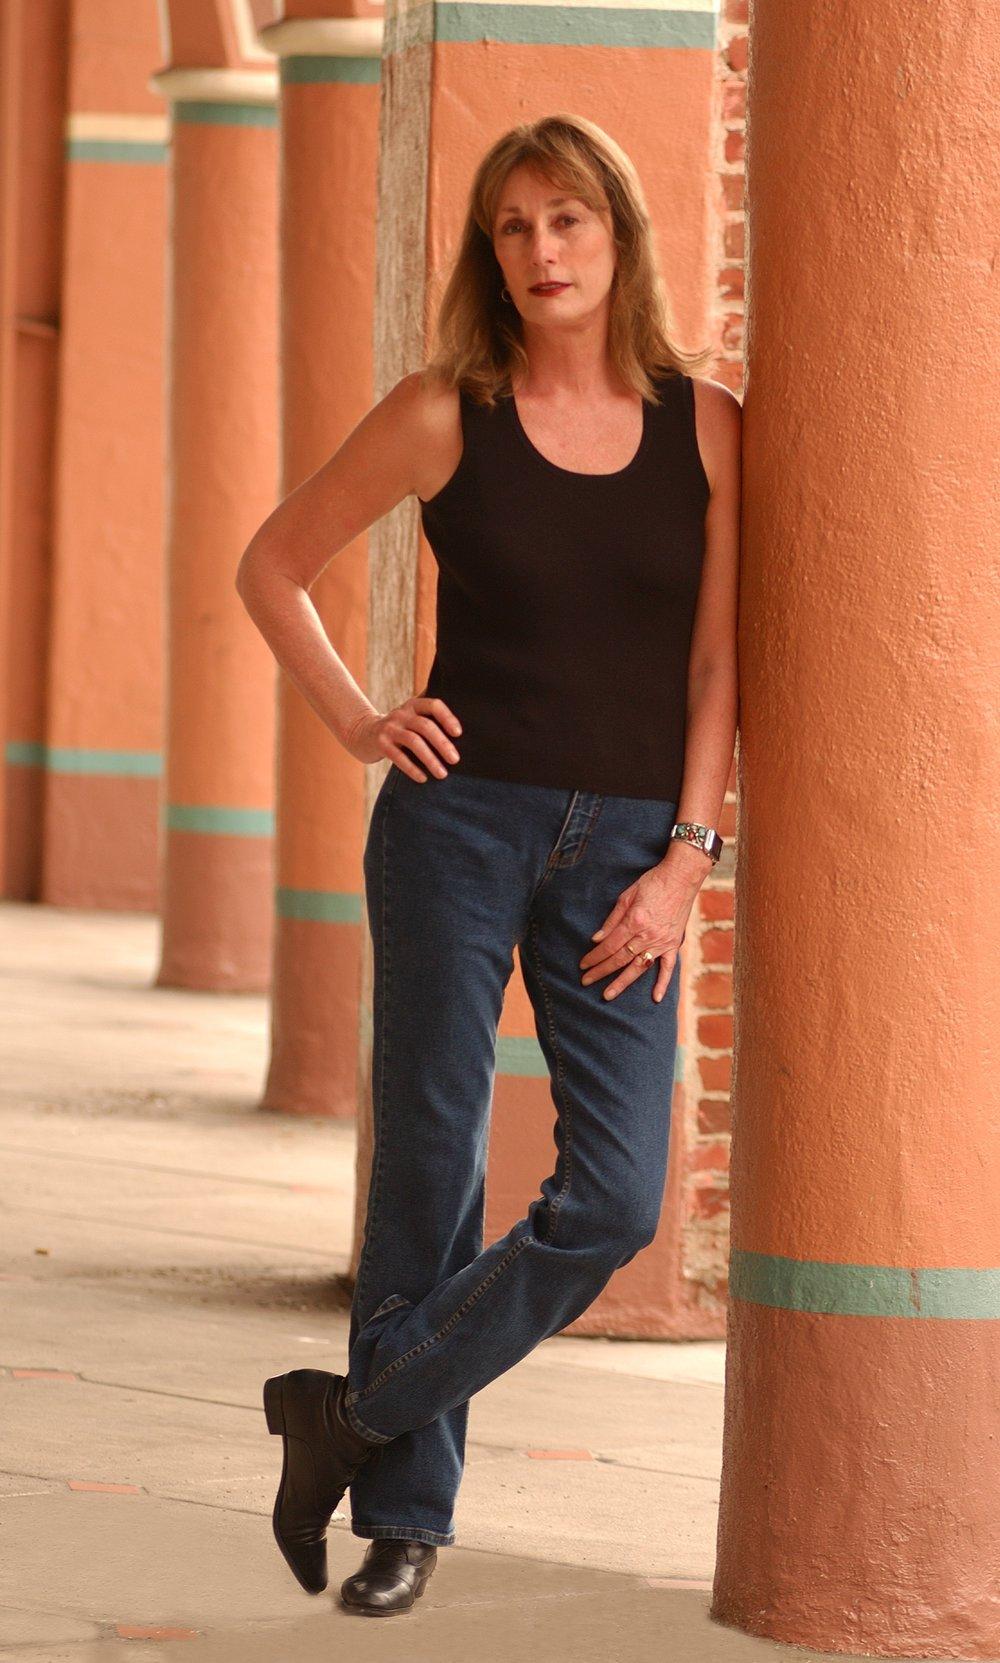 Lisa Lynds Nude Photos 5